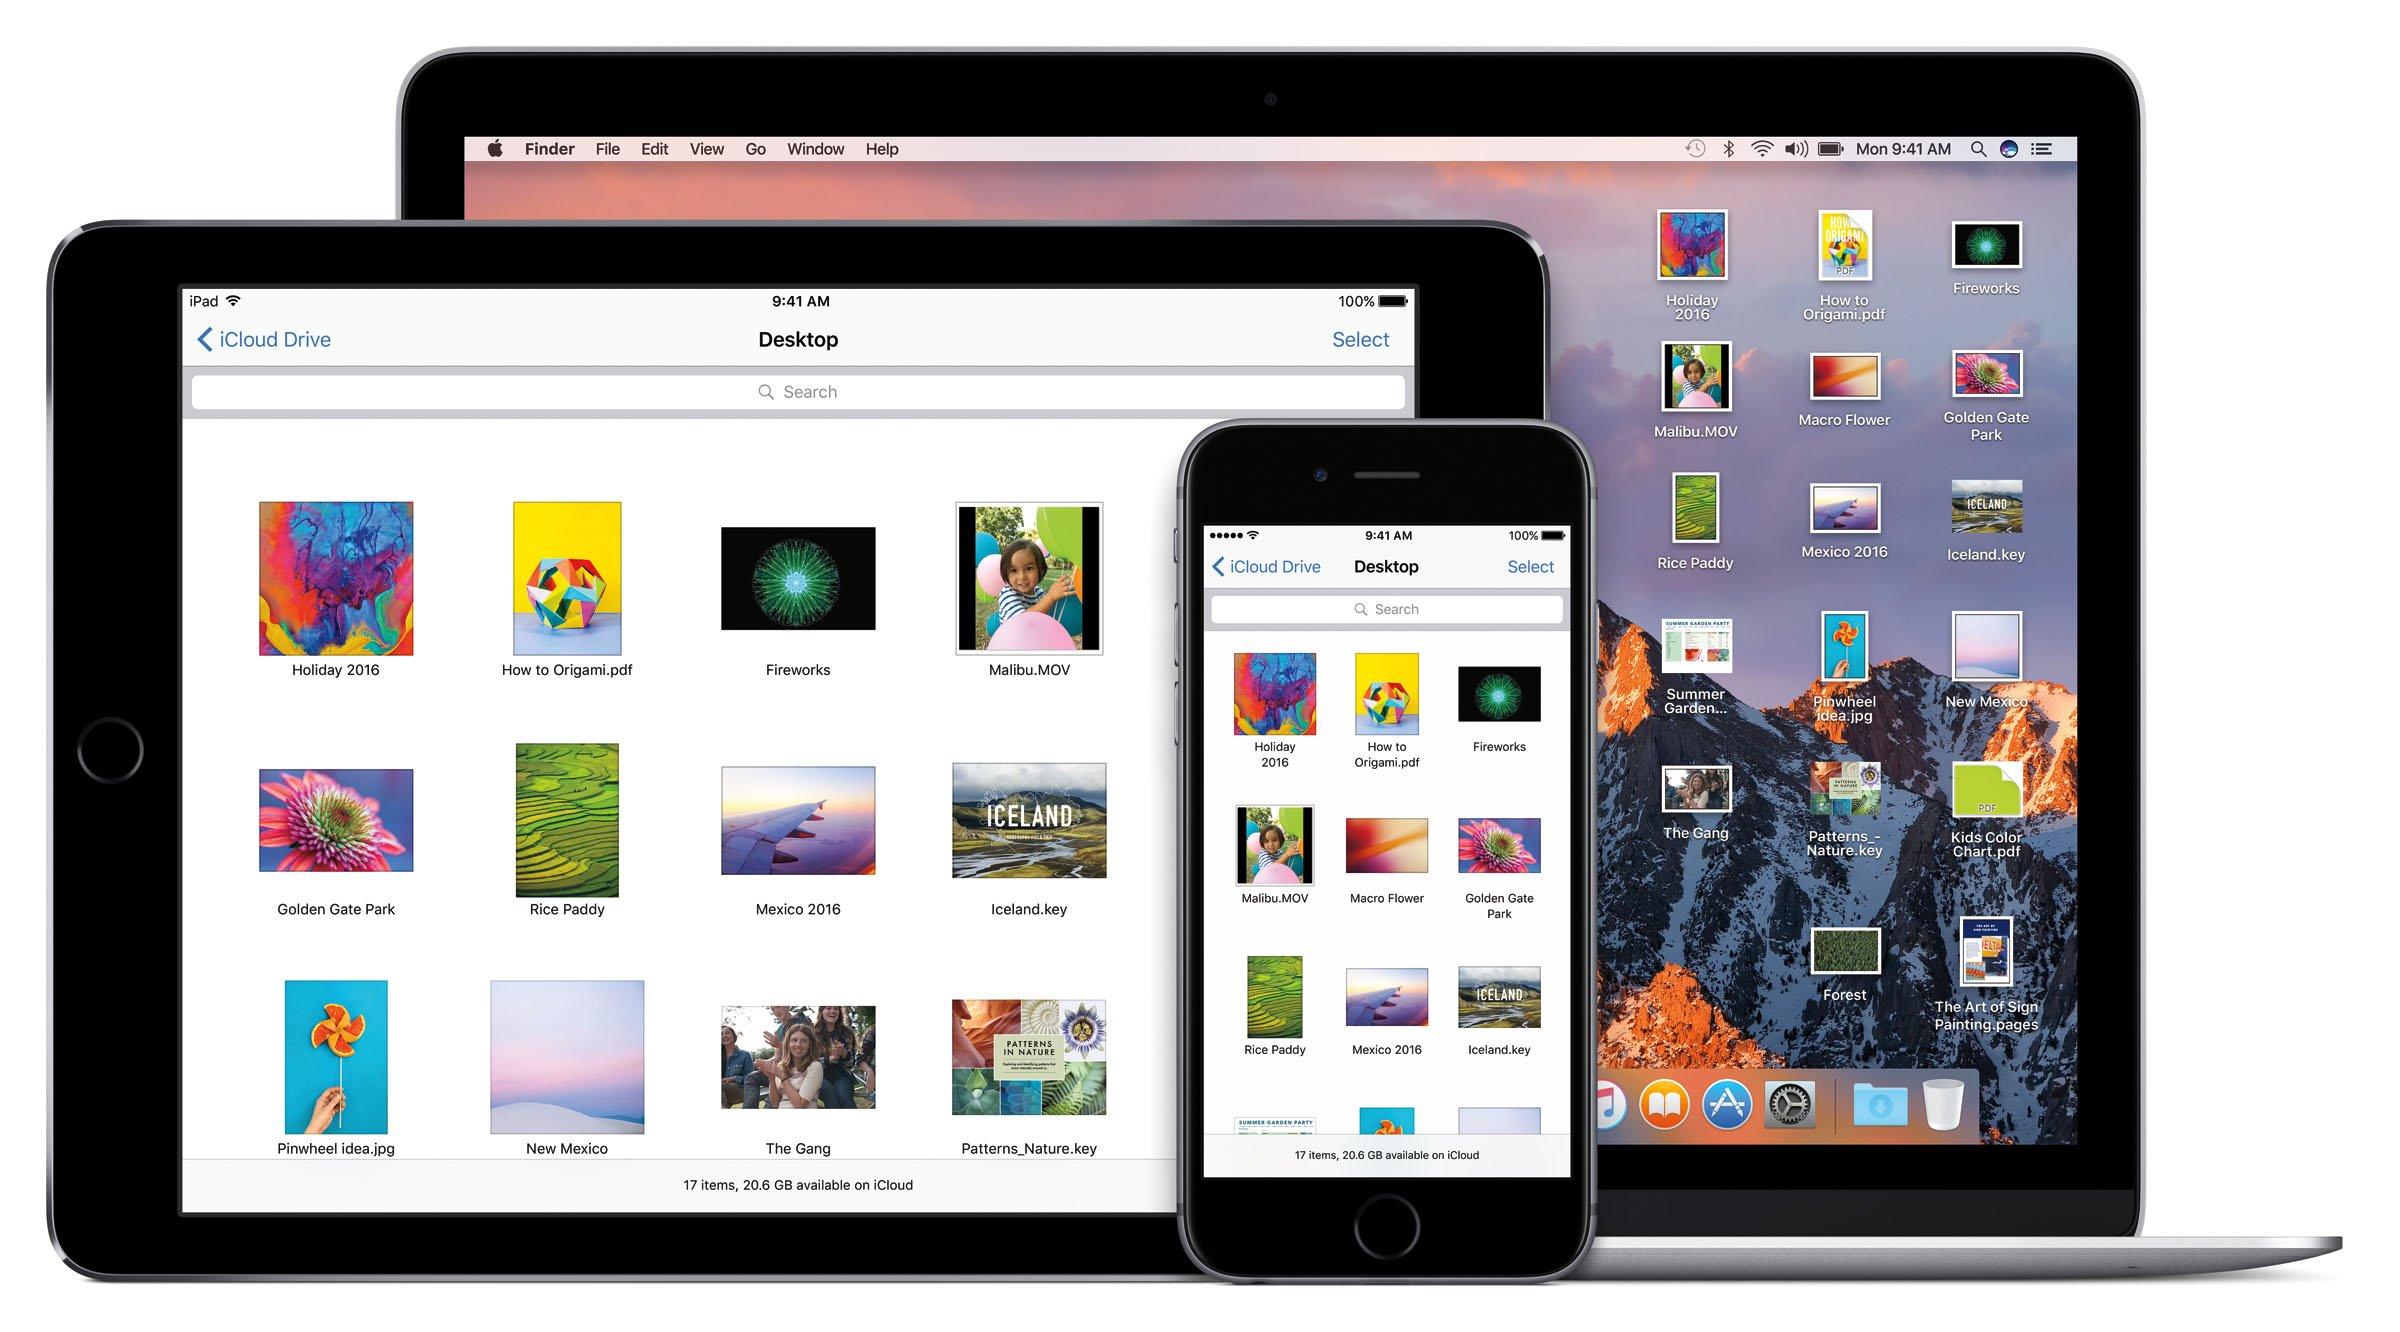 Mit Einführung des neuen Betriebssystems Mac OS Sierra für Desktop-Computer kann man auch mit mobilen Endgeräten auf Dokumente zugreifen, die auf dem Desktop eines Macs liegen.